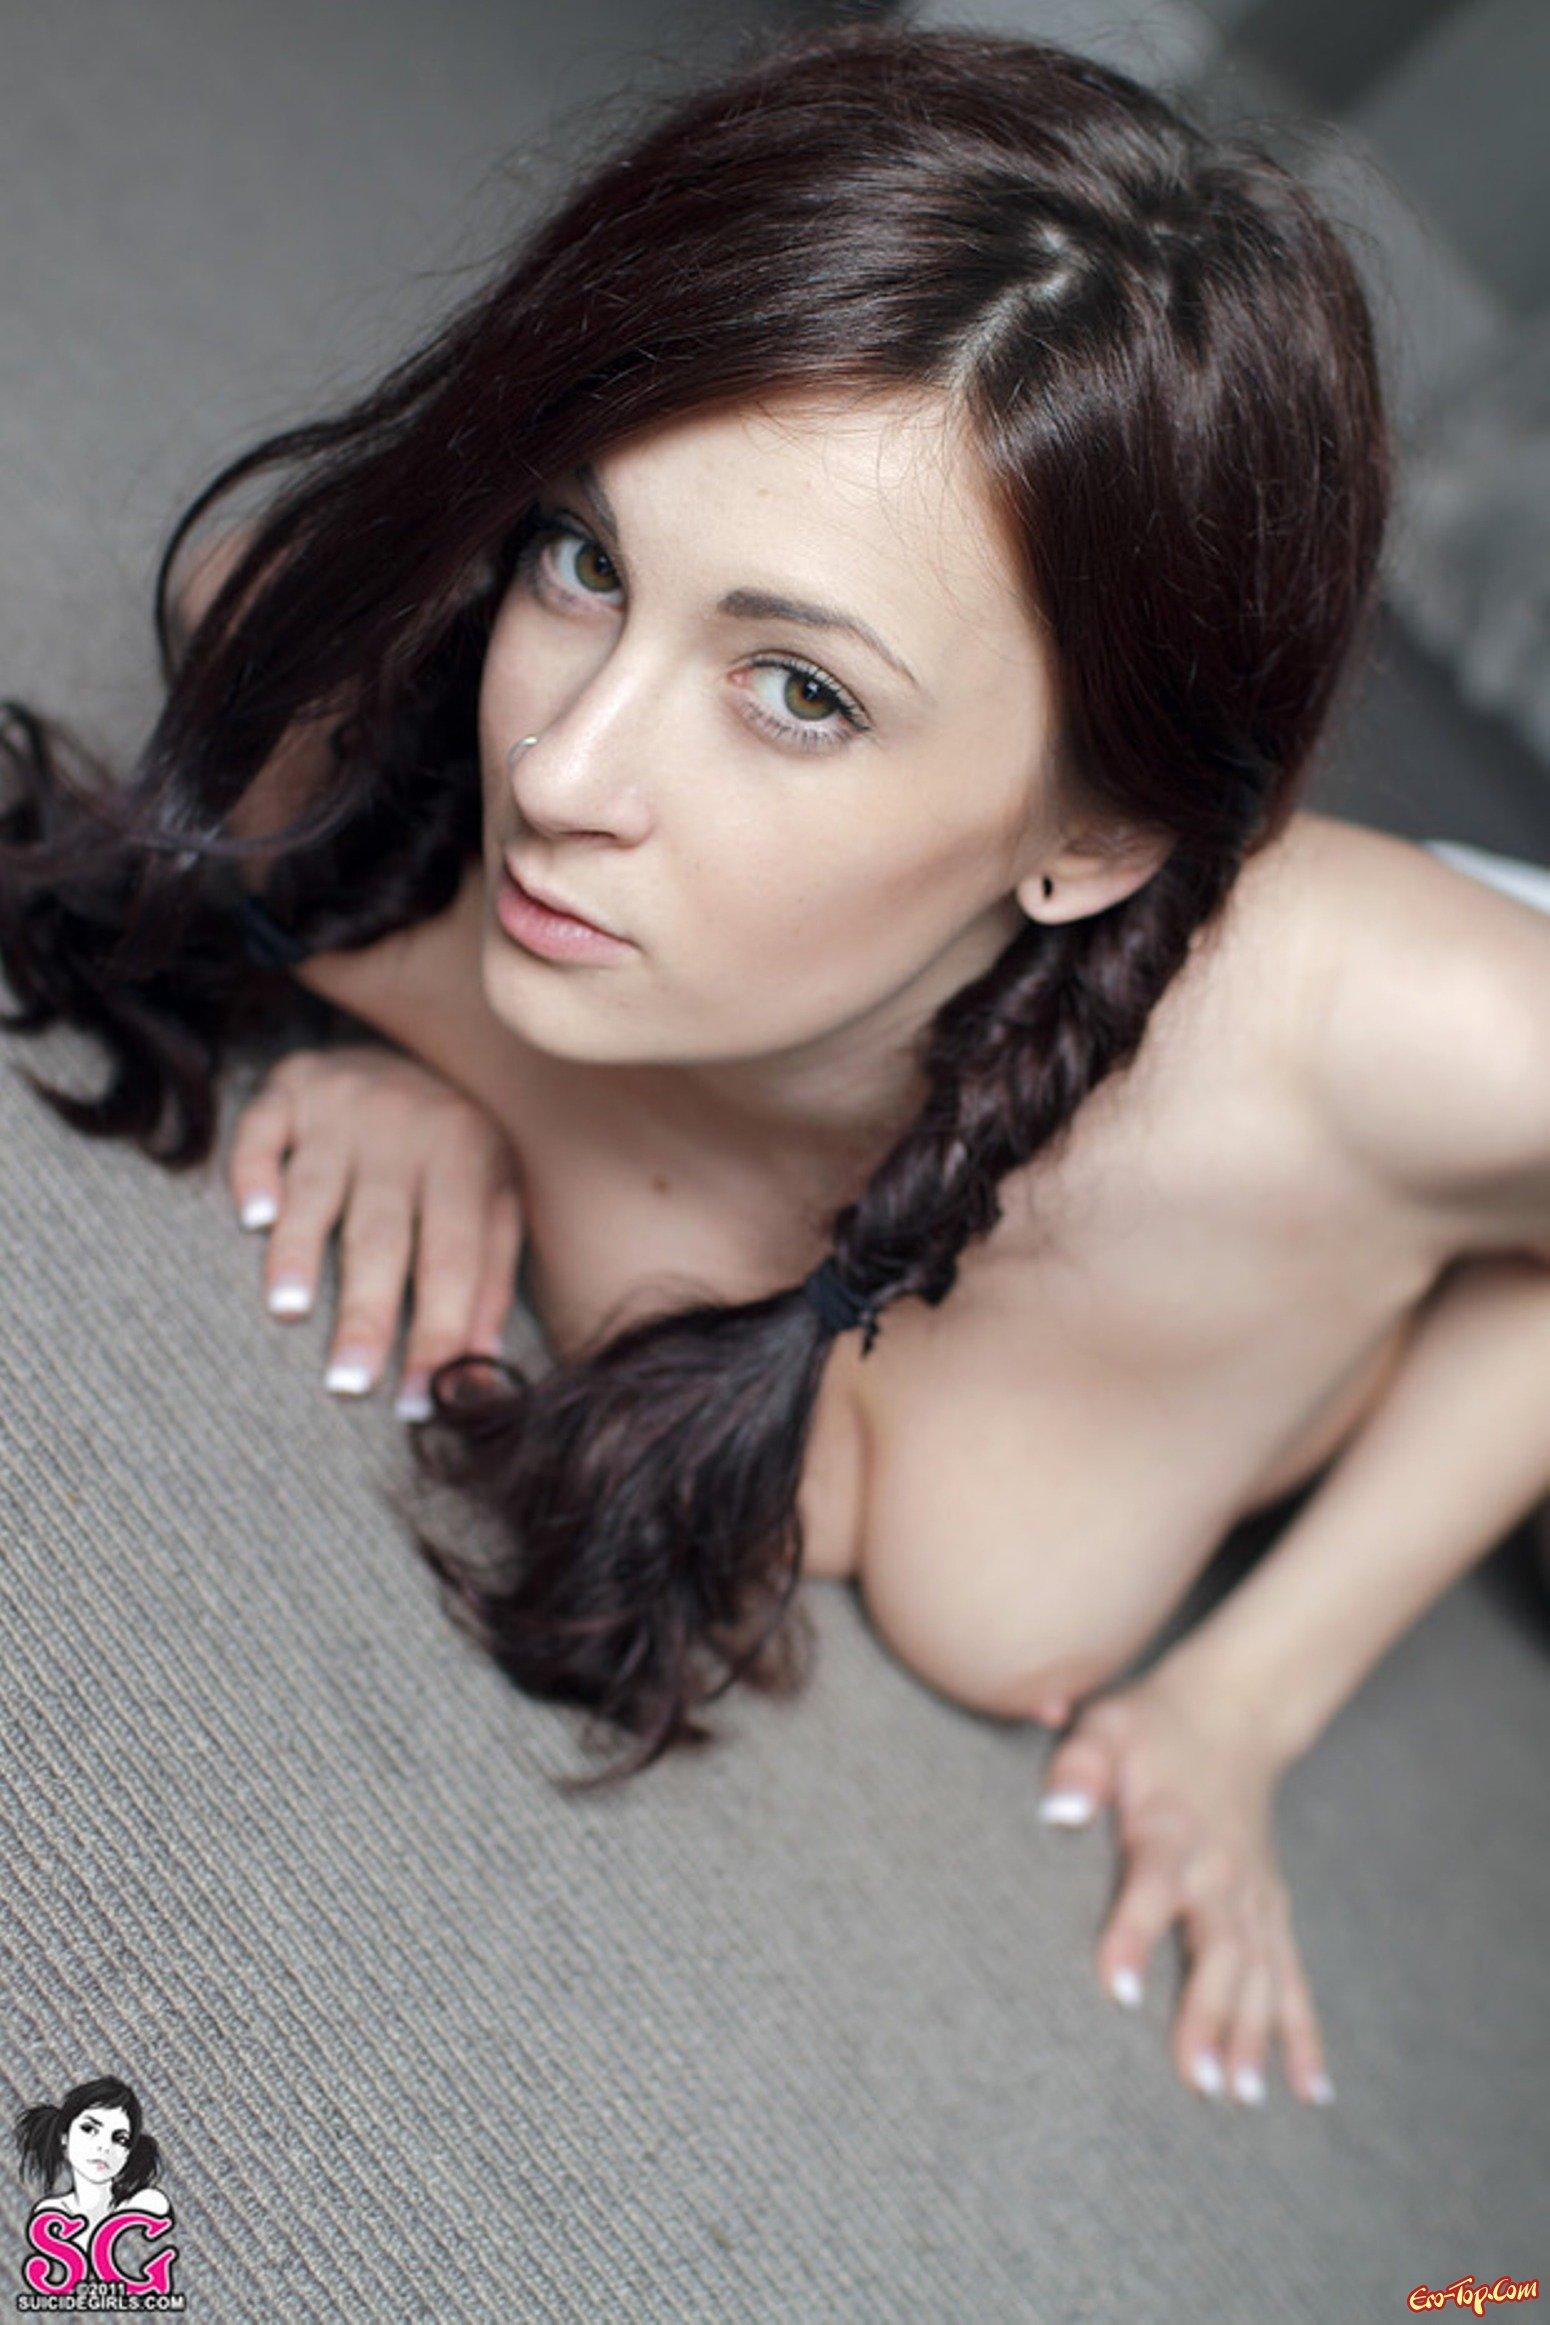 Георгиевска номера проститутки